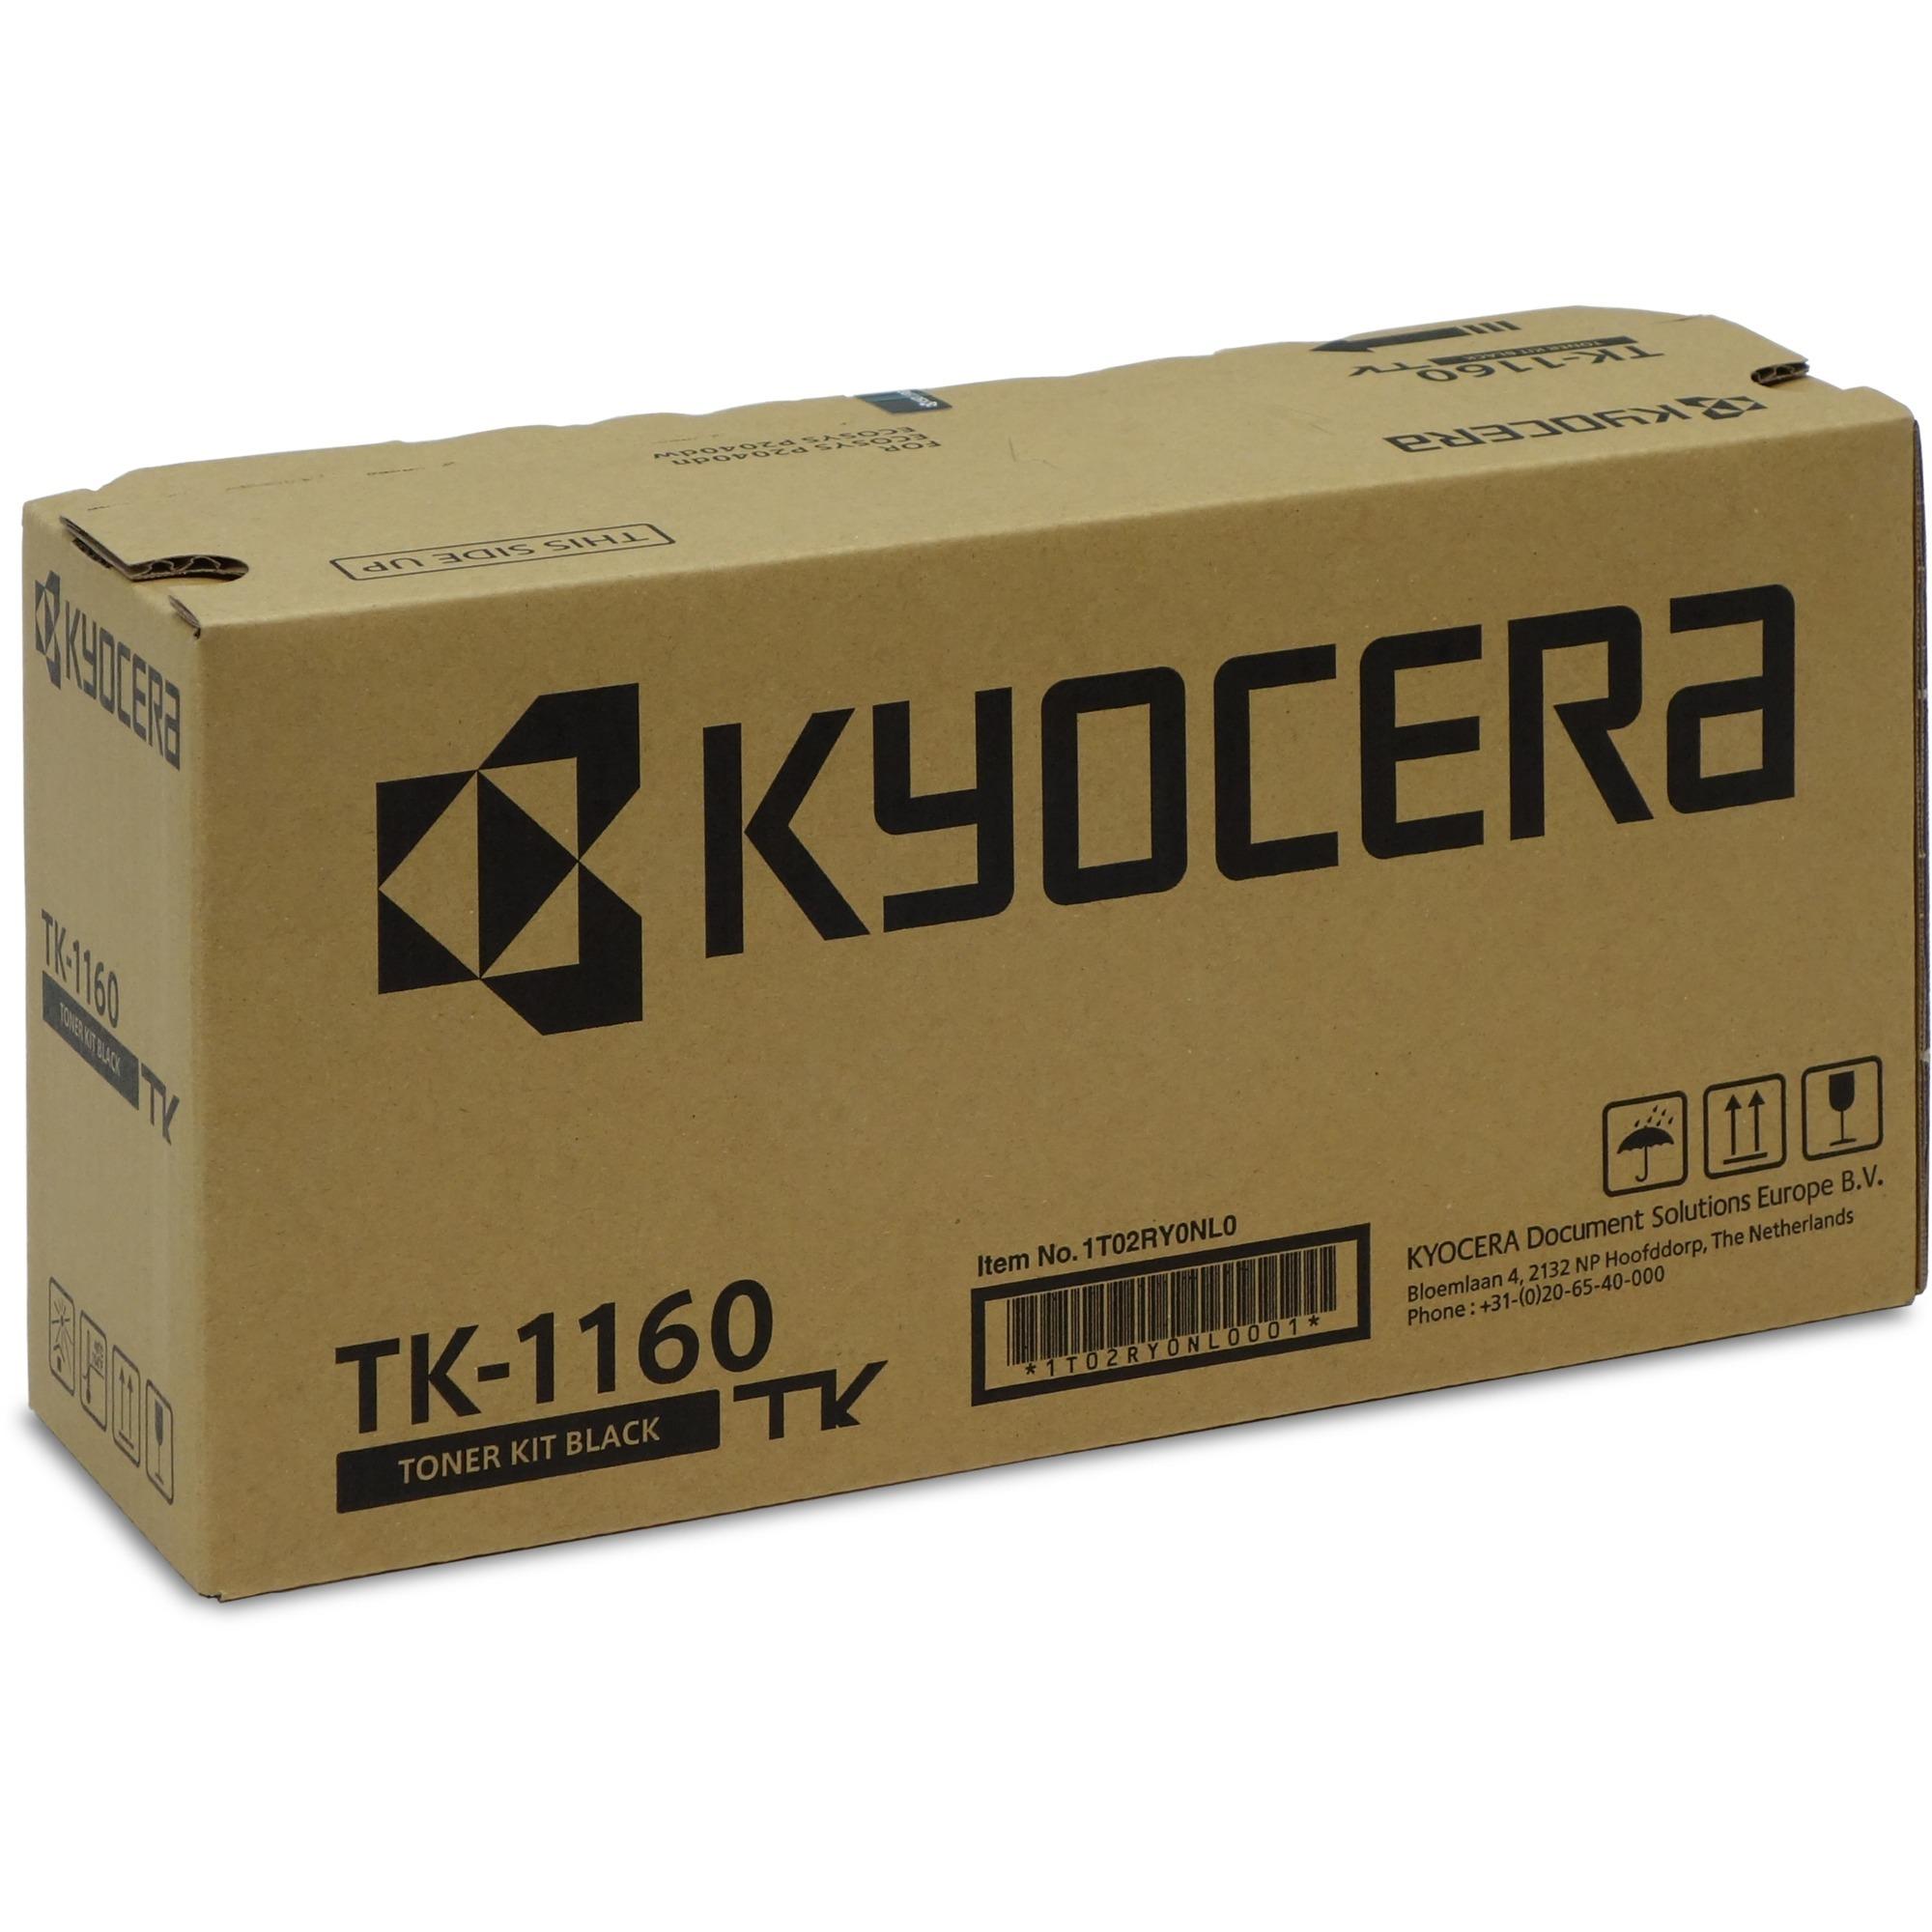 1T02RY0NL0 Tóner de láser 7200páginas Negro cartucho de tóner